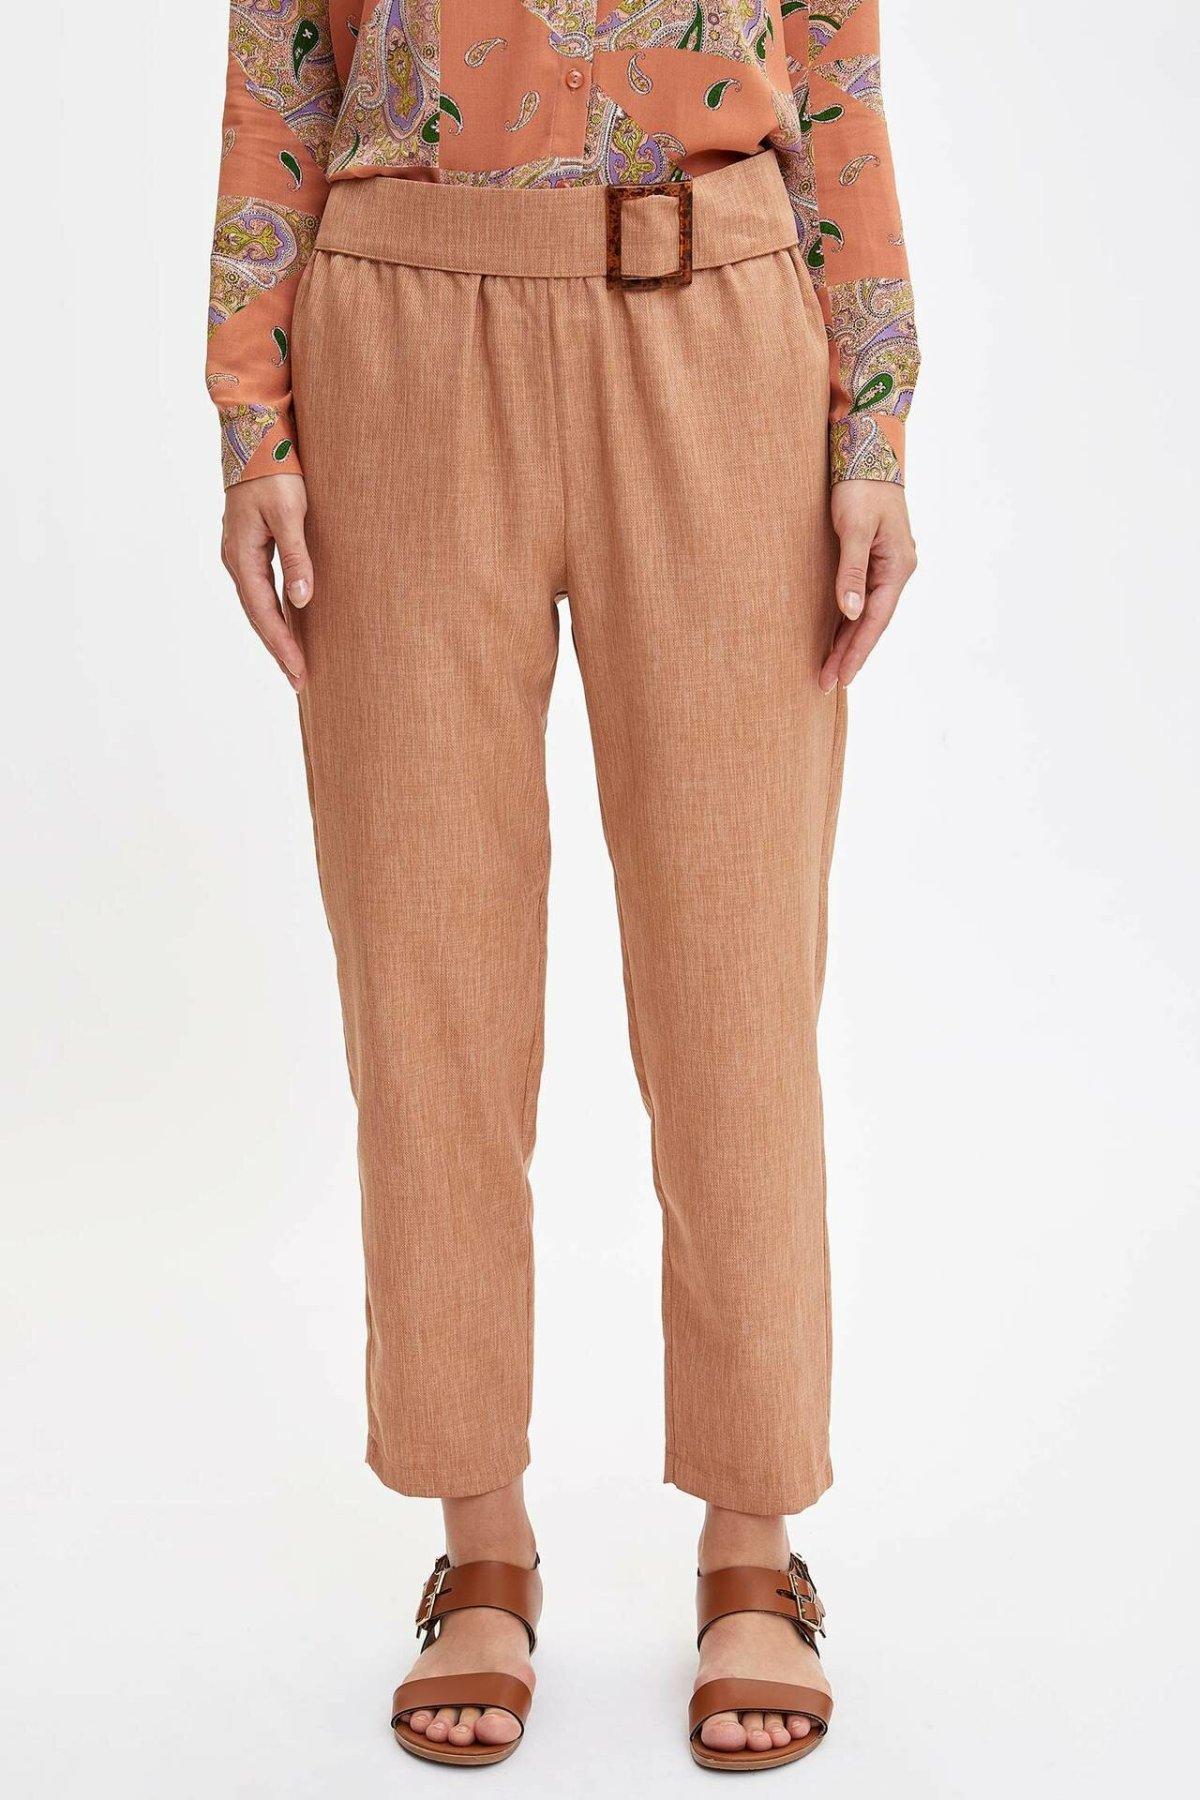 DeFacto Woman Khaki Color Long Pants Women Cargo Pants Female Stylish Belt Decors Spring Woven Trousers-L7631AZ19HS